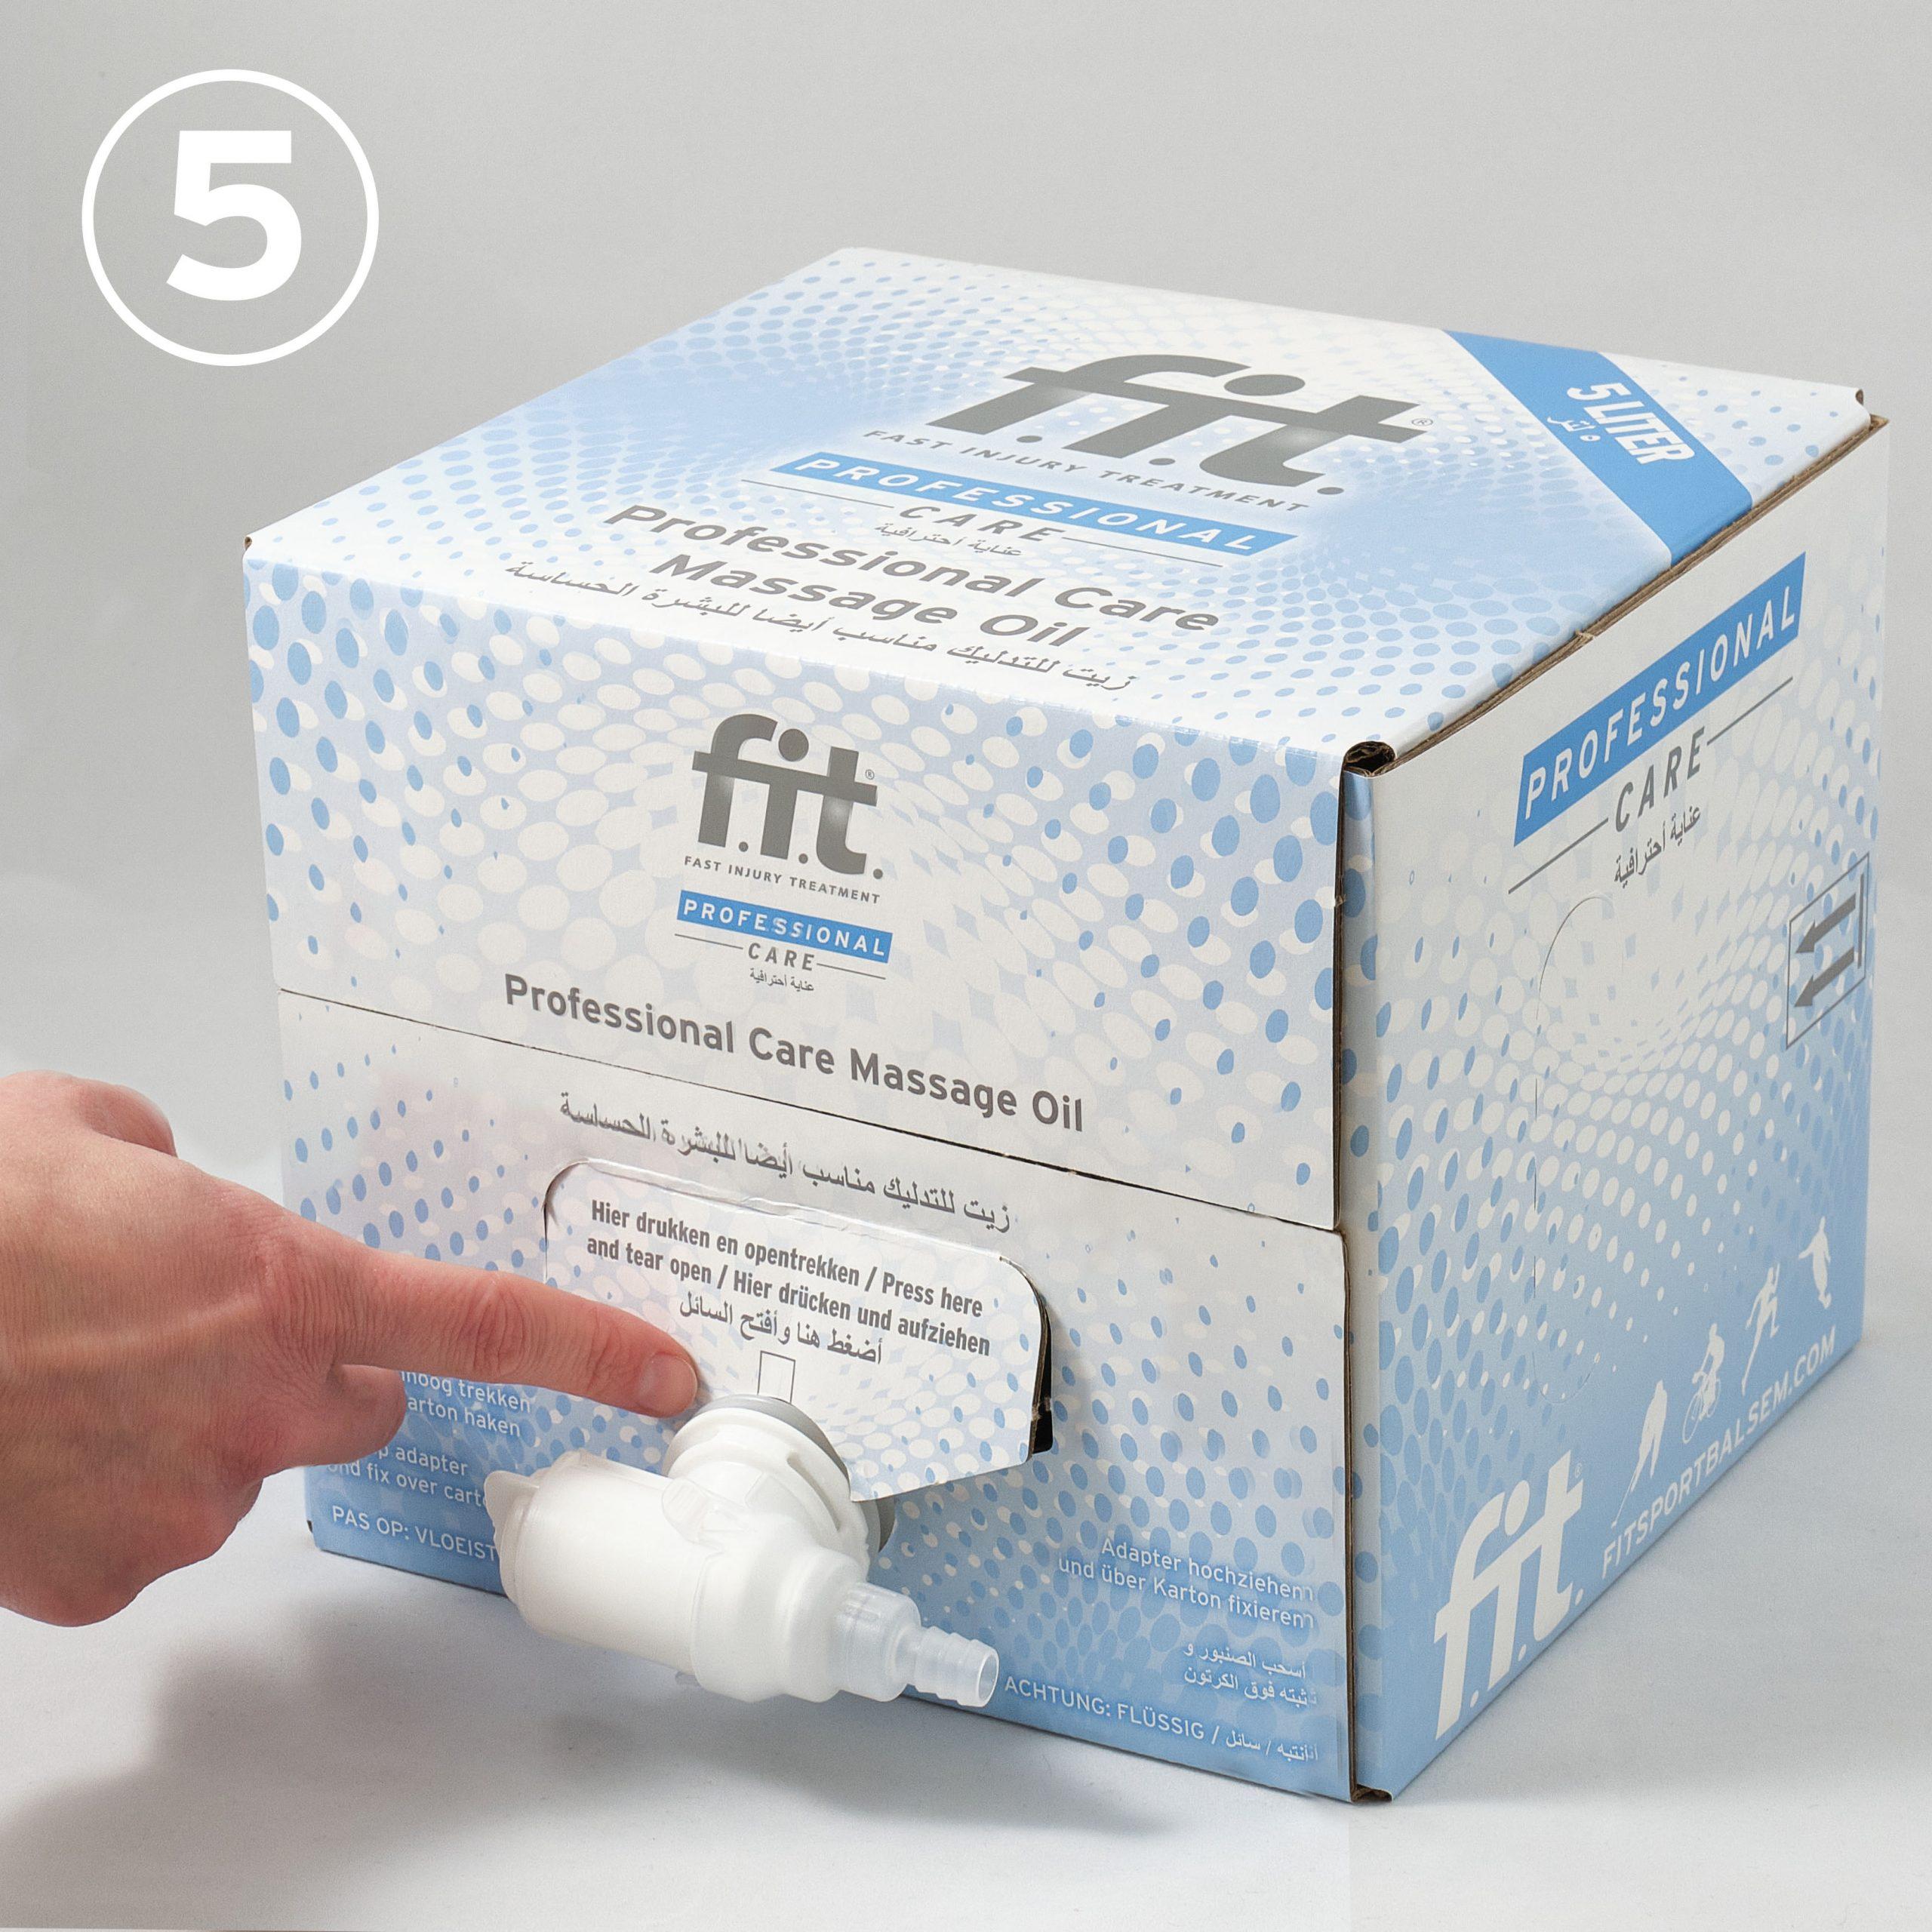 FIT Massageolie 5 liter gebruiksaanwijzing 5